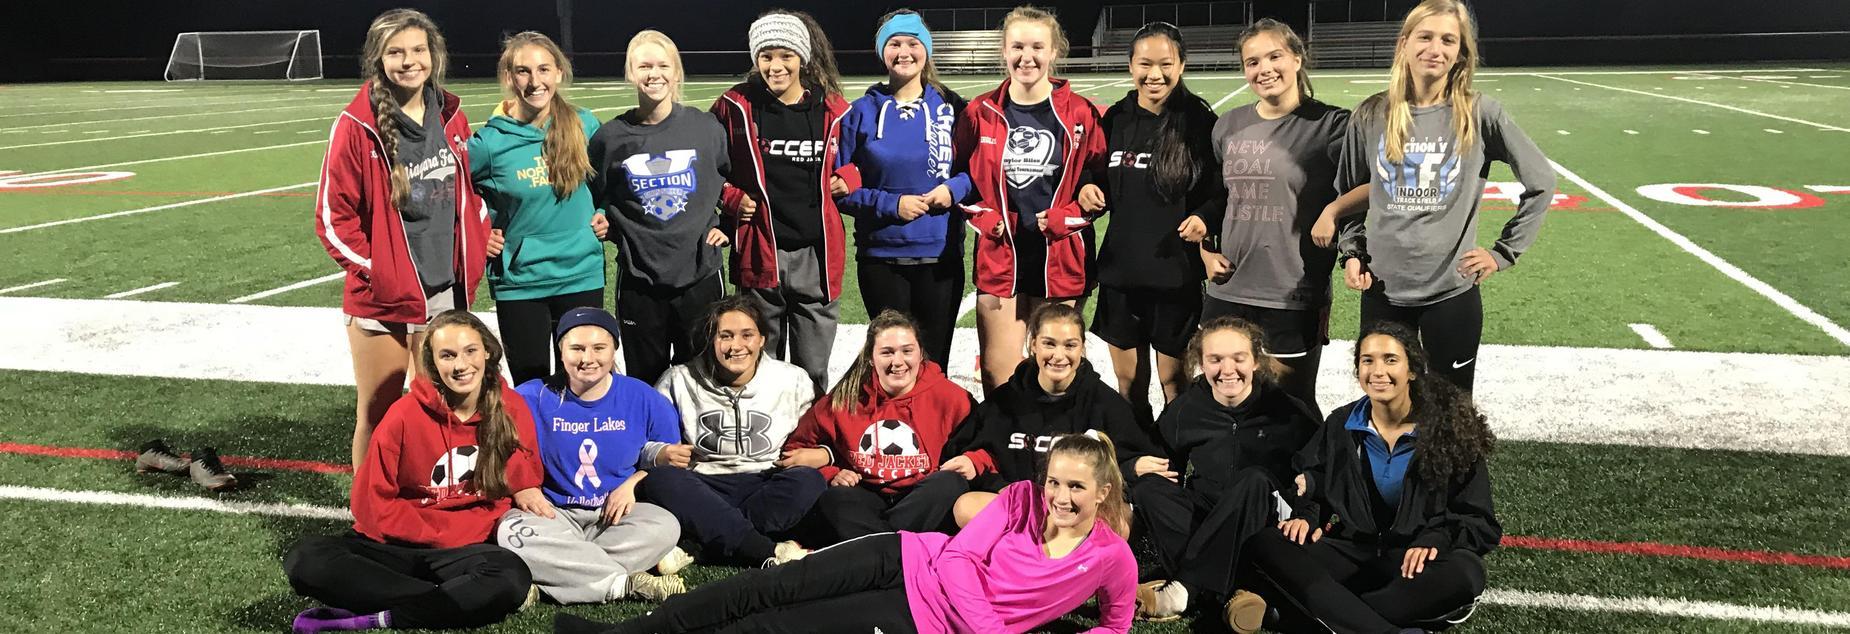 18-19 girls soccer team